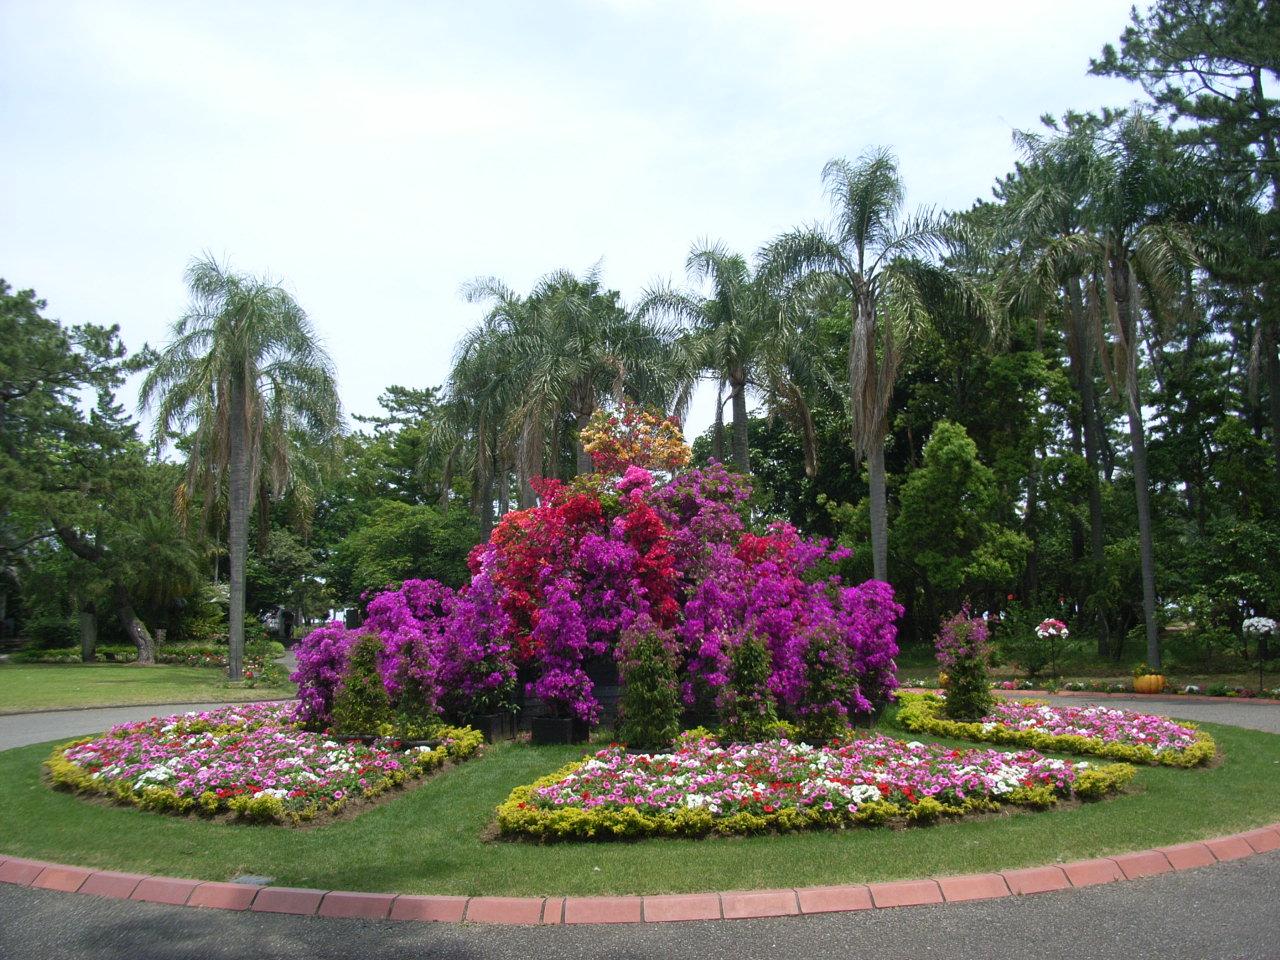 ブーゲンビリア 画像 宮崎県立青島亜熱帯植物園でブーゲンビリアマツリが開かれている。